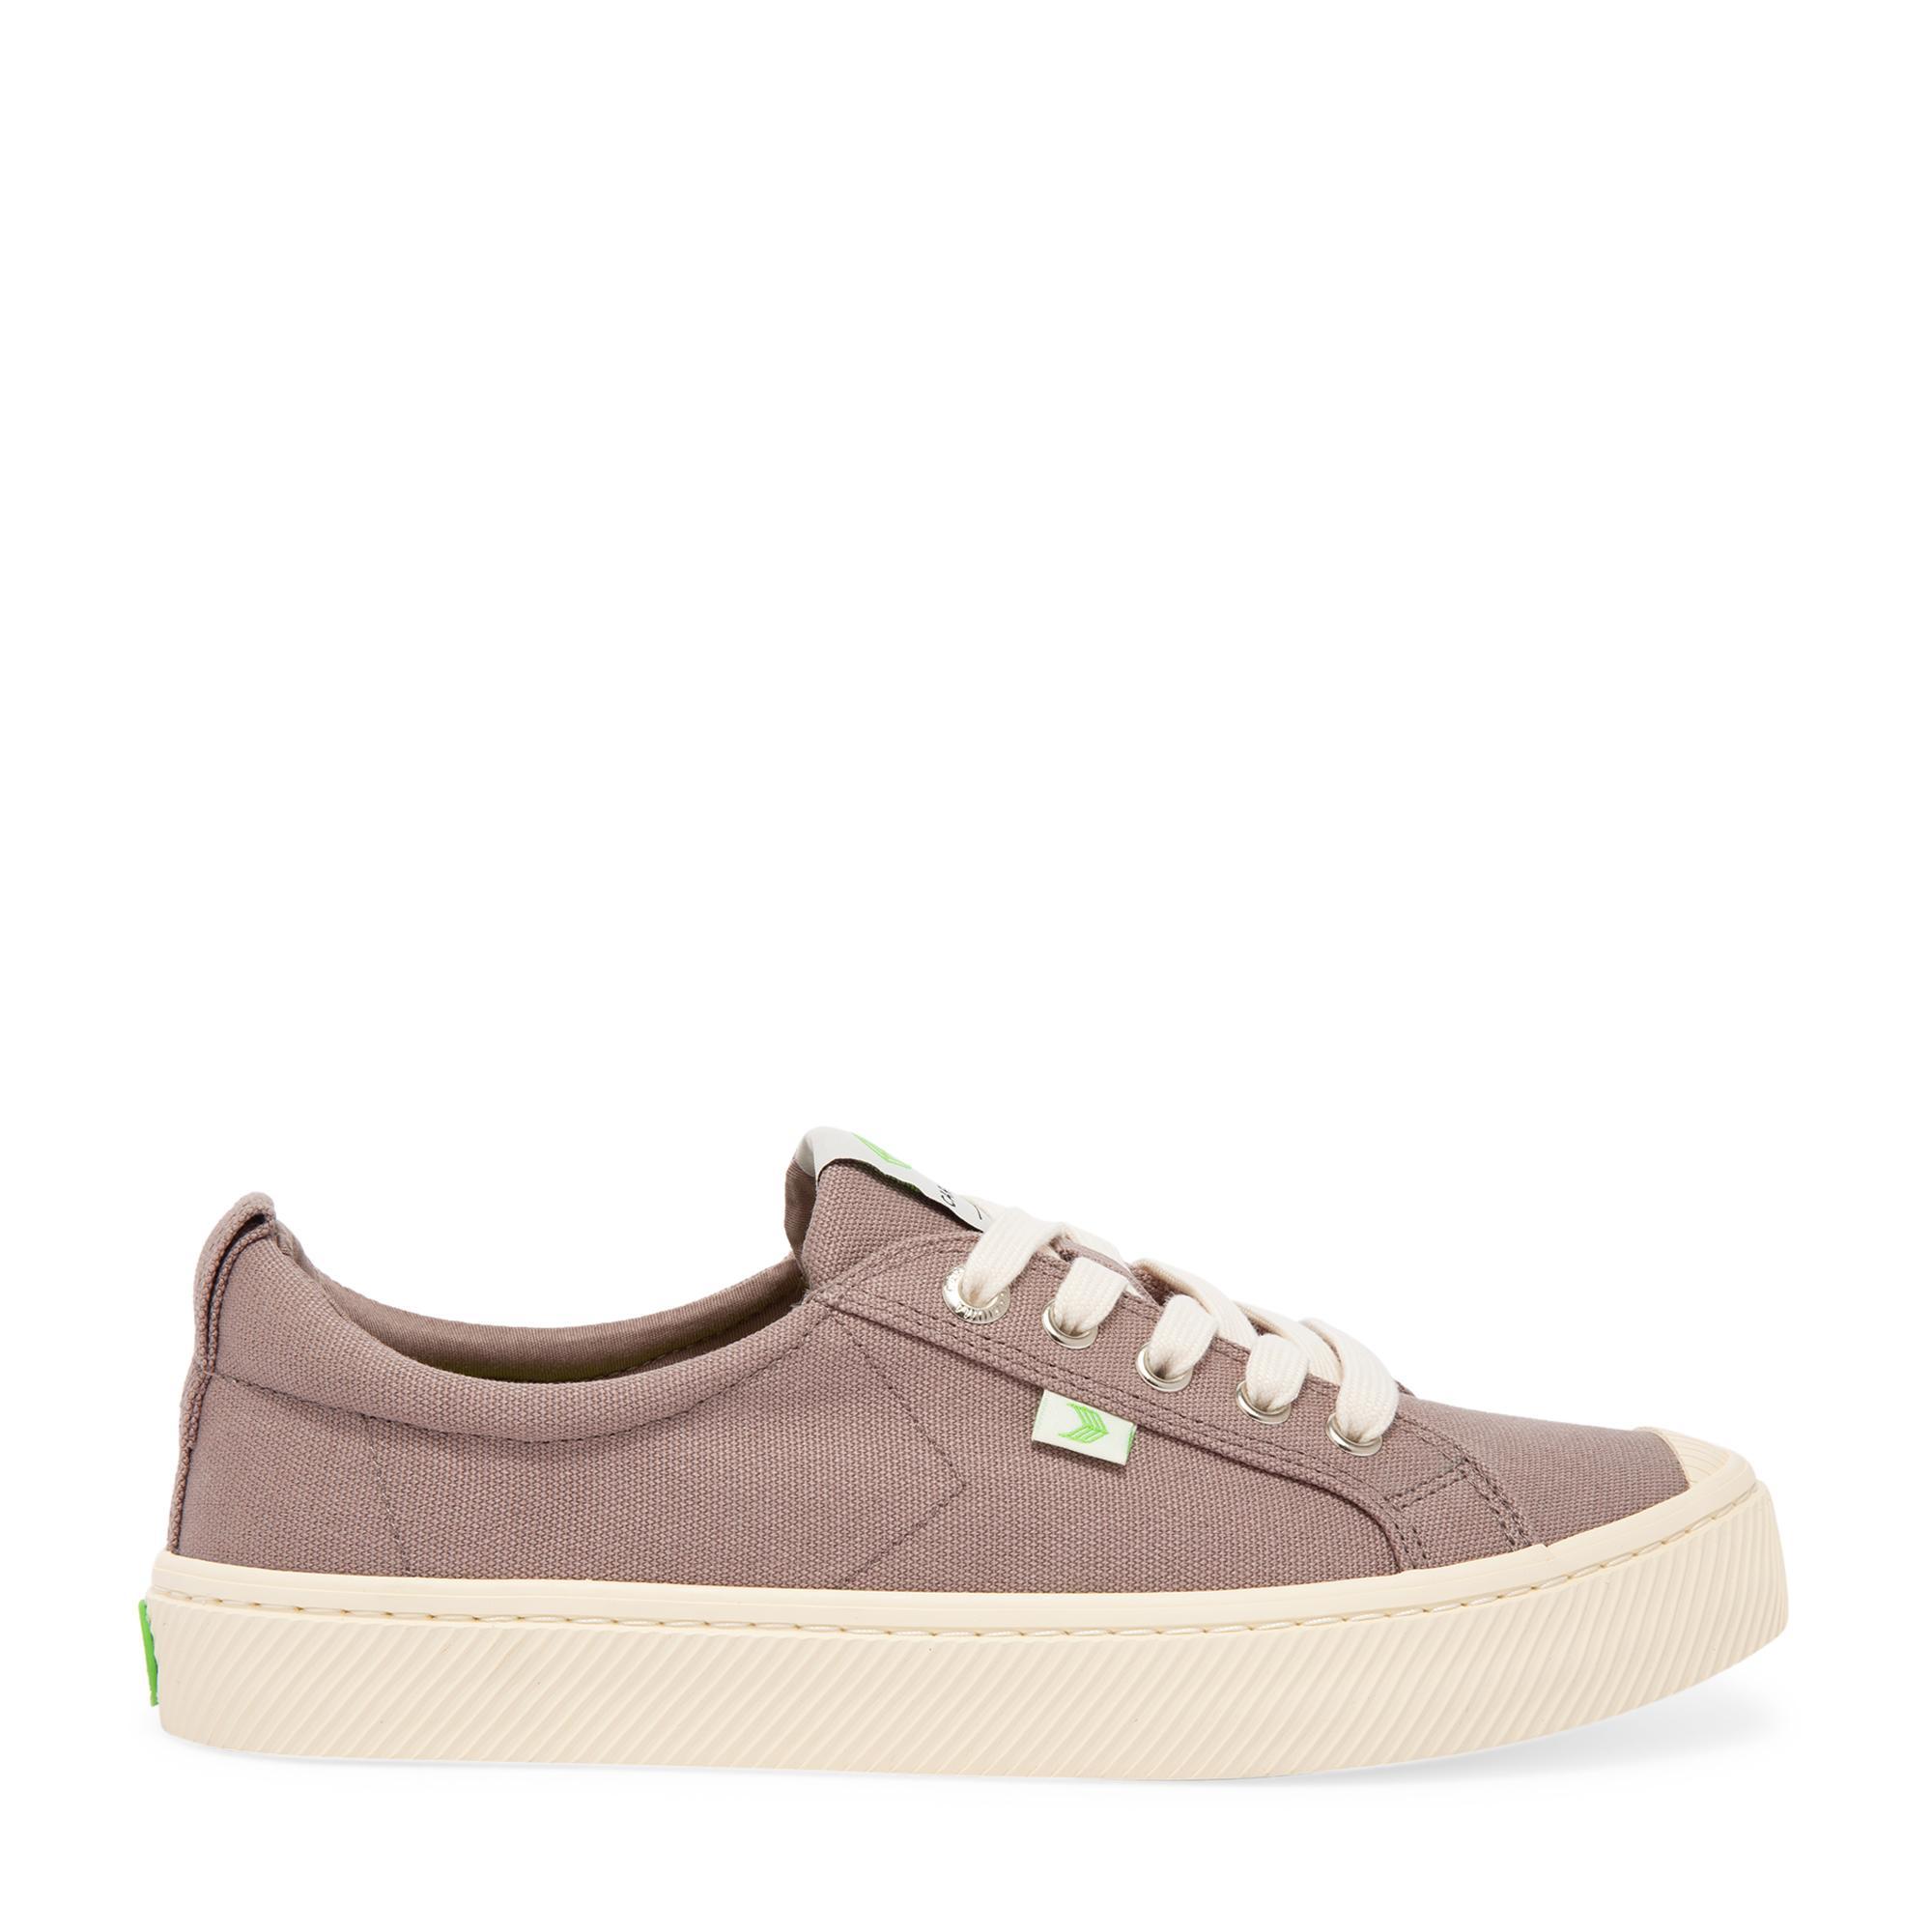 Oca sneakers